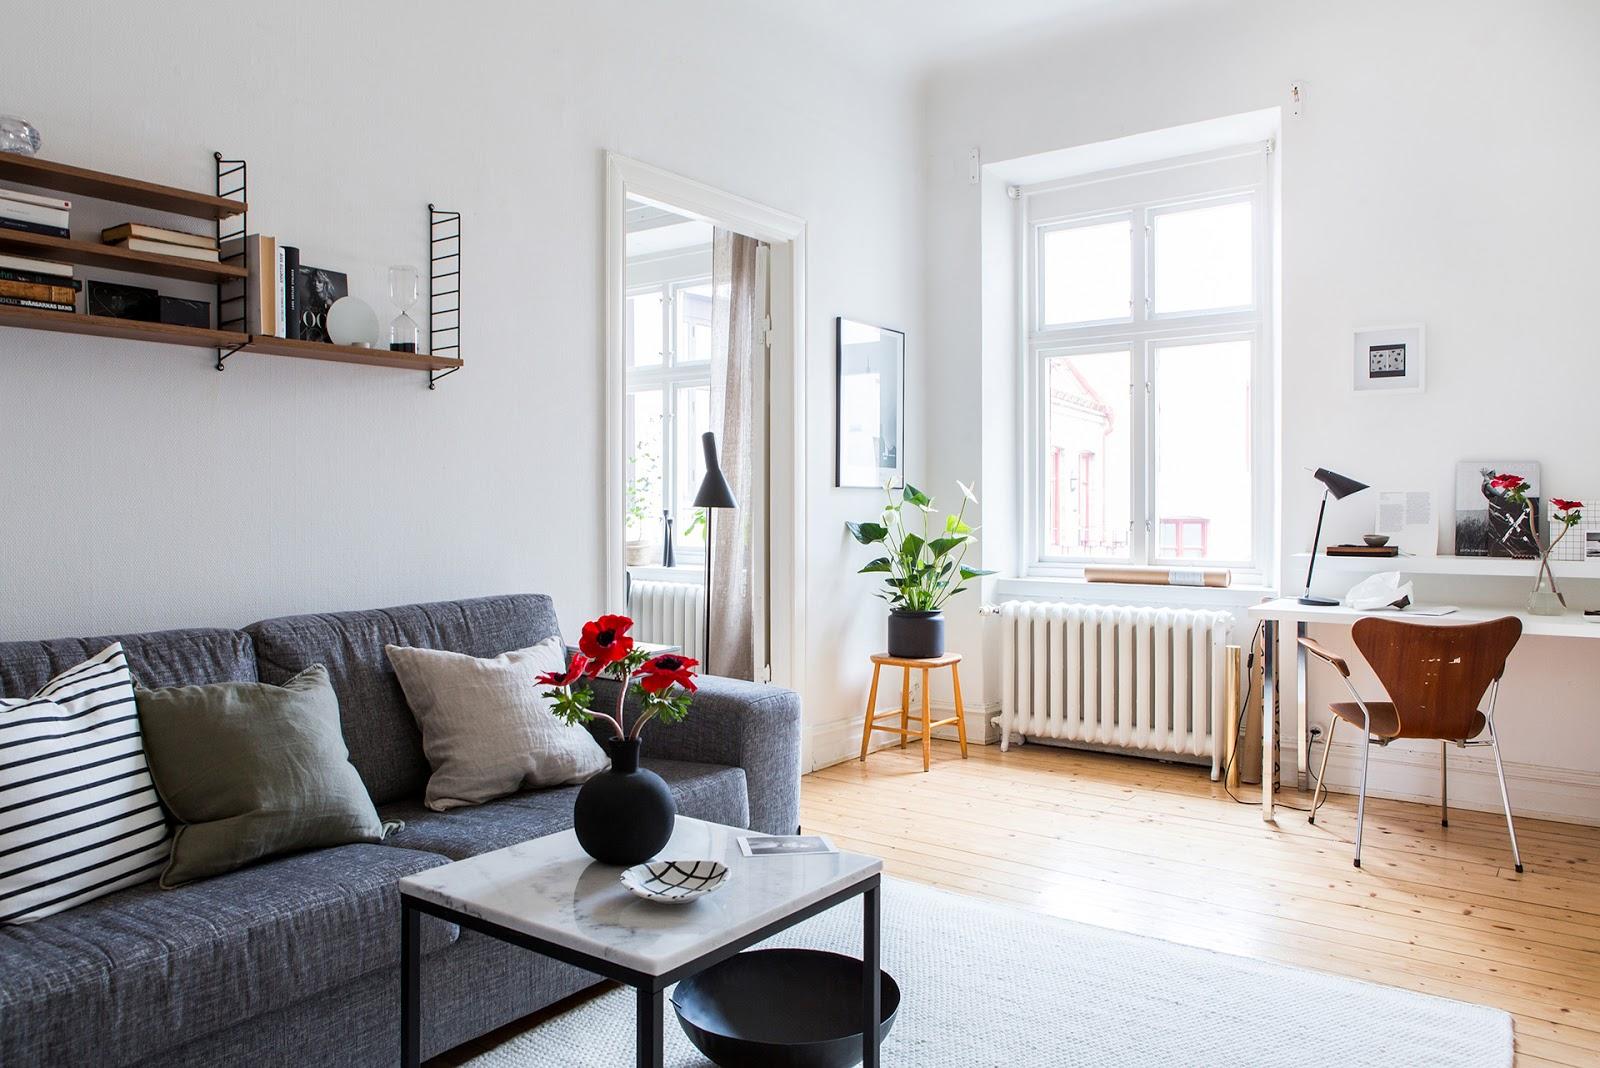 Salon, estilo nordico, decoracion nordica, sofa gris, funda cojin, cojines nordicos, estilo nordico, alquimia deco